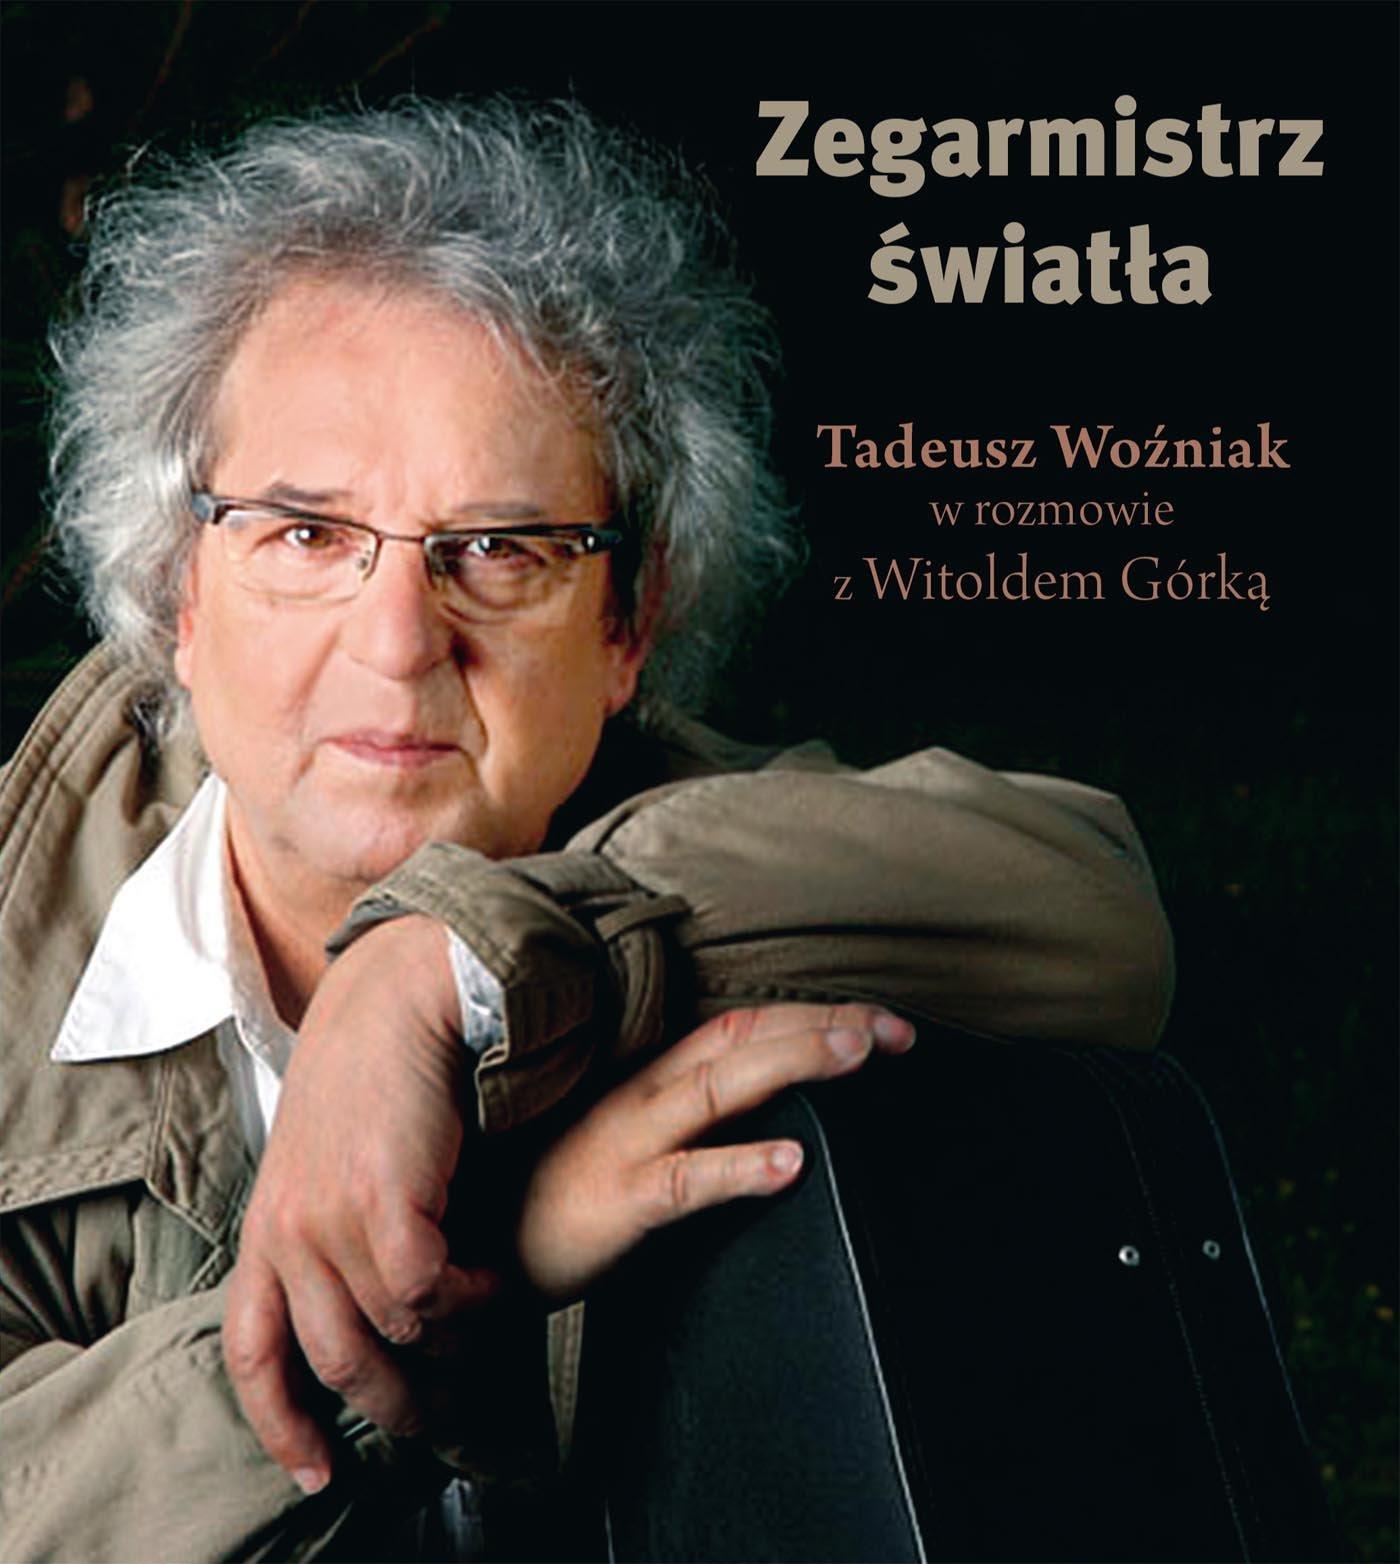 Zegarmistrz Światła.Tadeusz Woźniak w rozmowie z Witoldem Górką - Ebook (Książka na Kindle) do pobrania w formacie MOBI